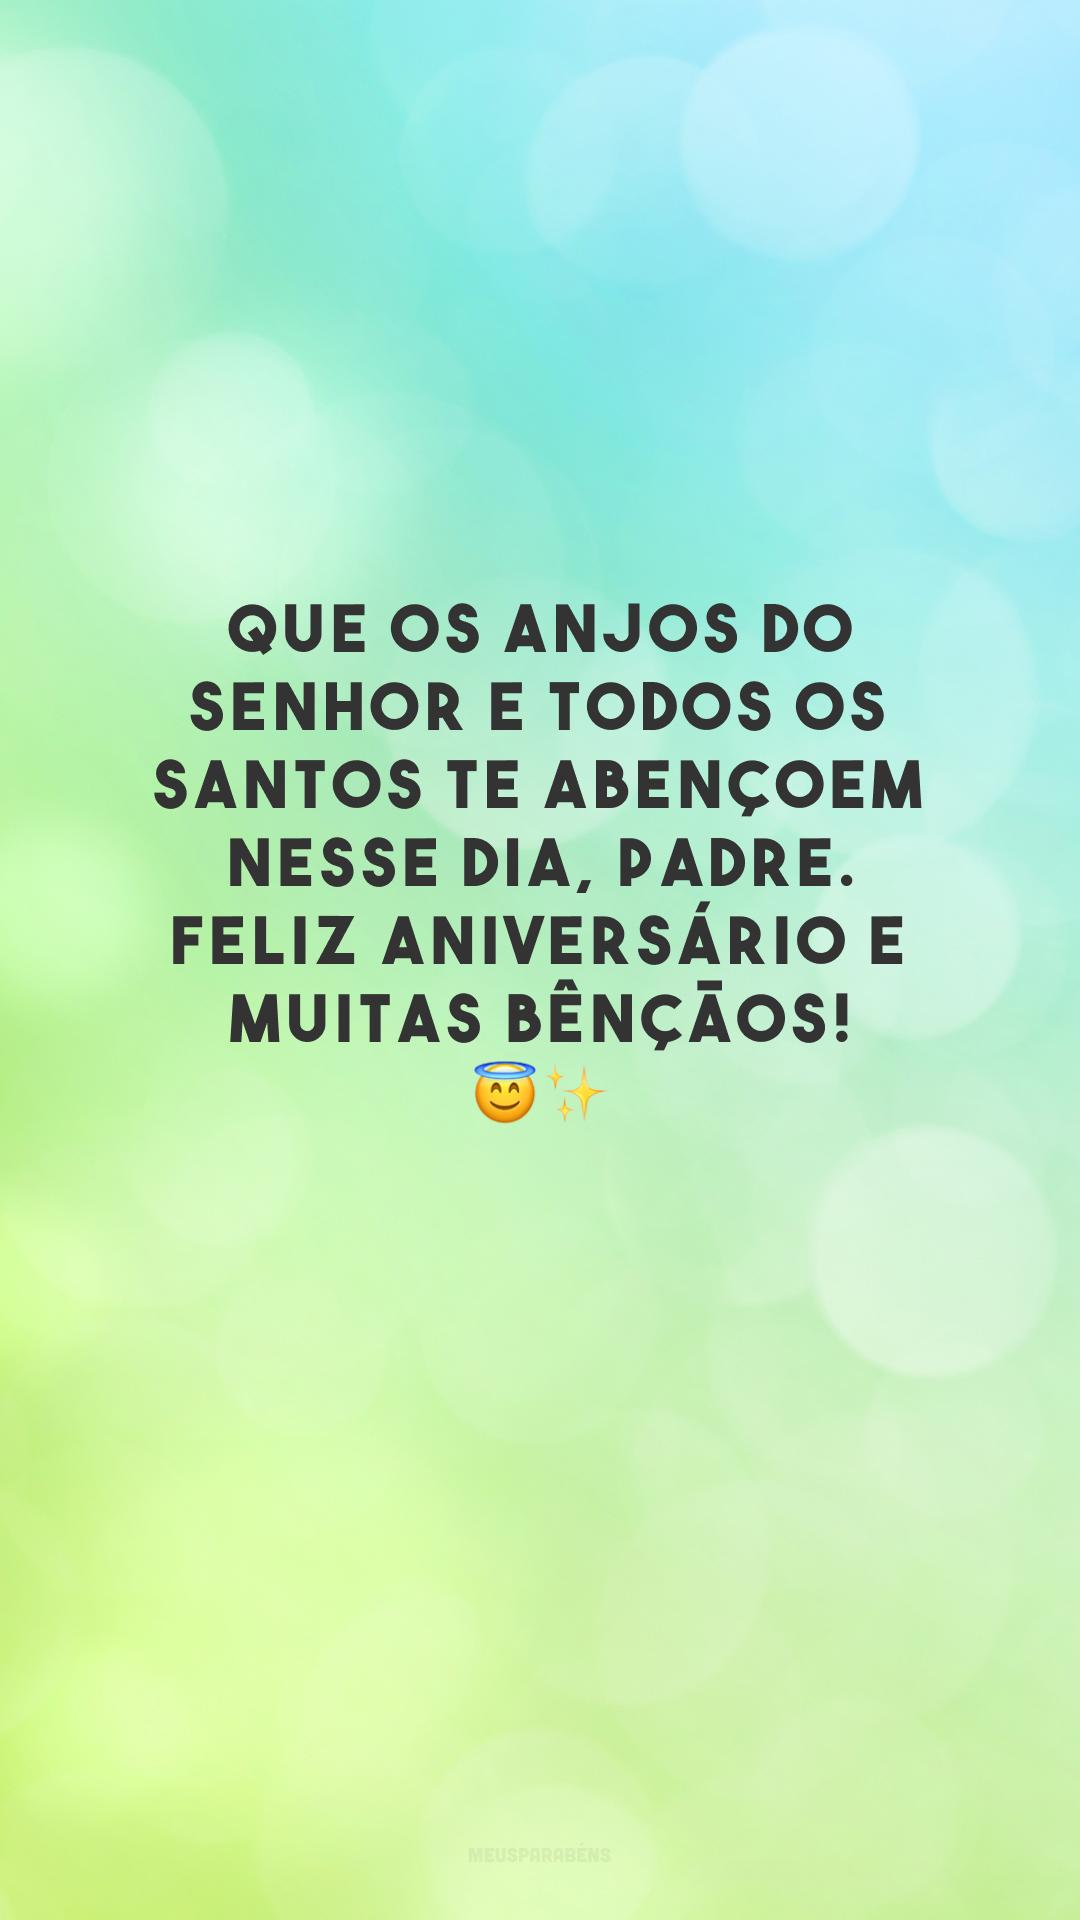 Que os anjos do Senhor e todos os santos te abençoem nesse dia, padre. Feliz aniversário e muitas bênçãos! 😇✨